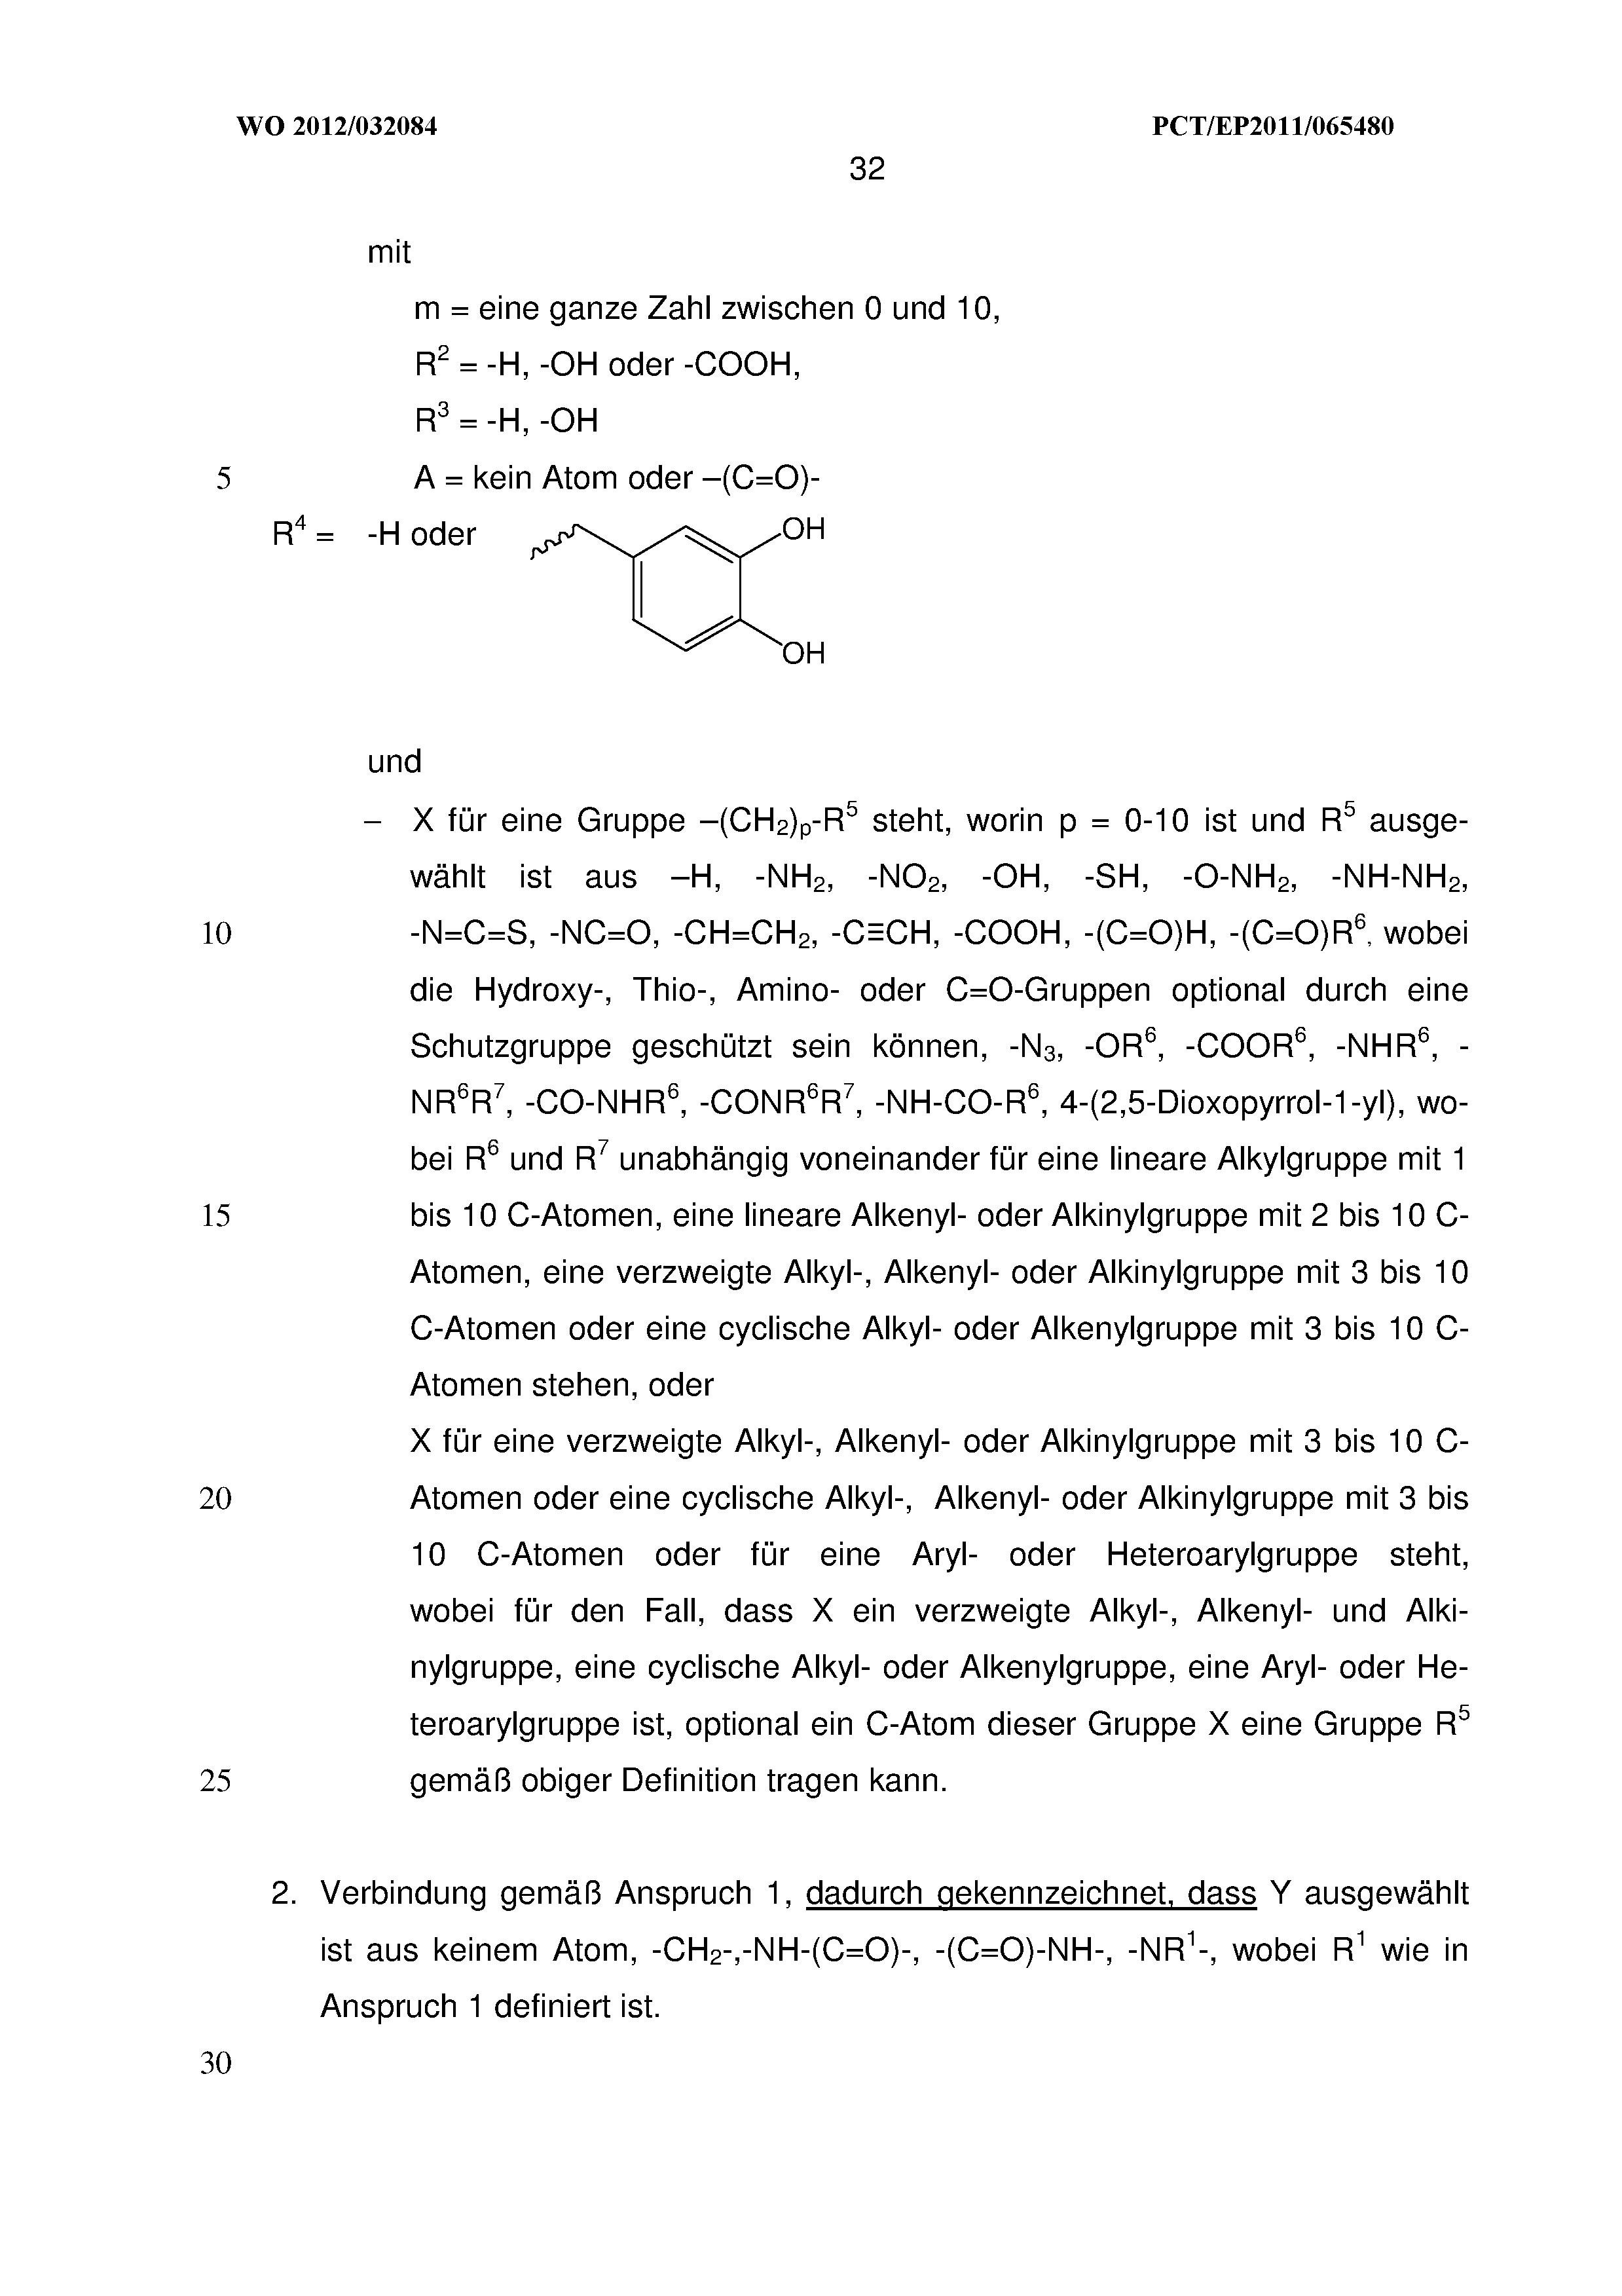 Eine zahl zwischen 1 und 10